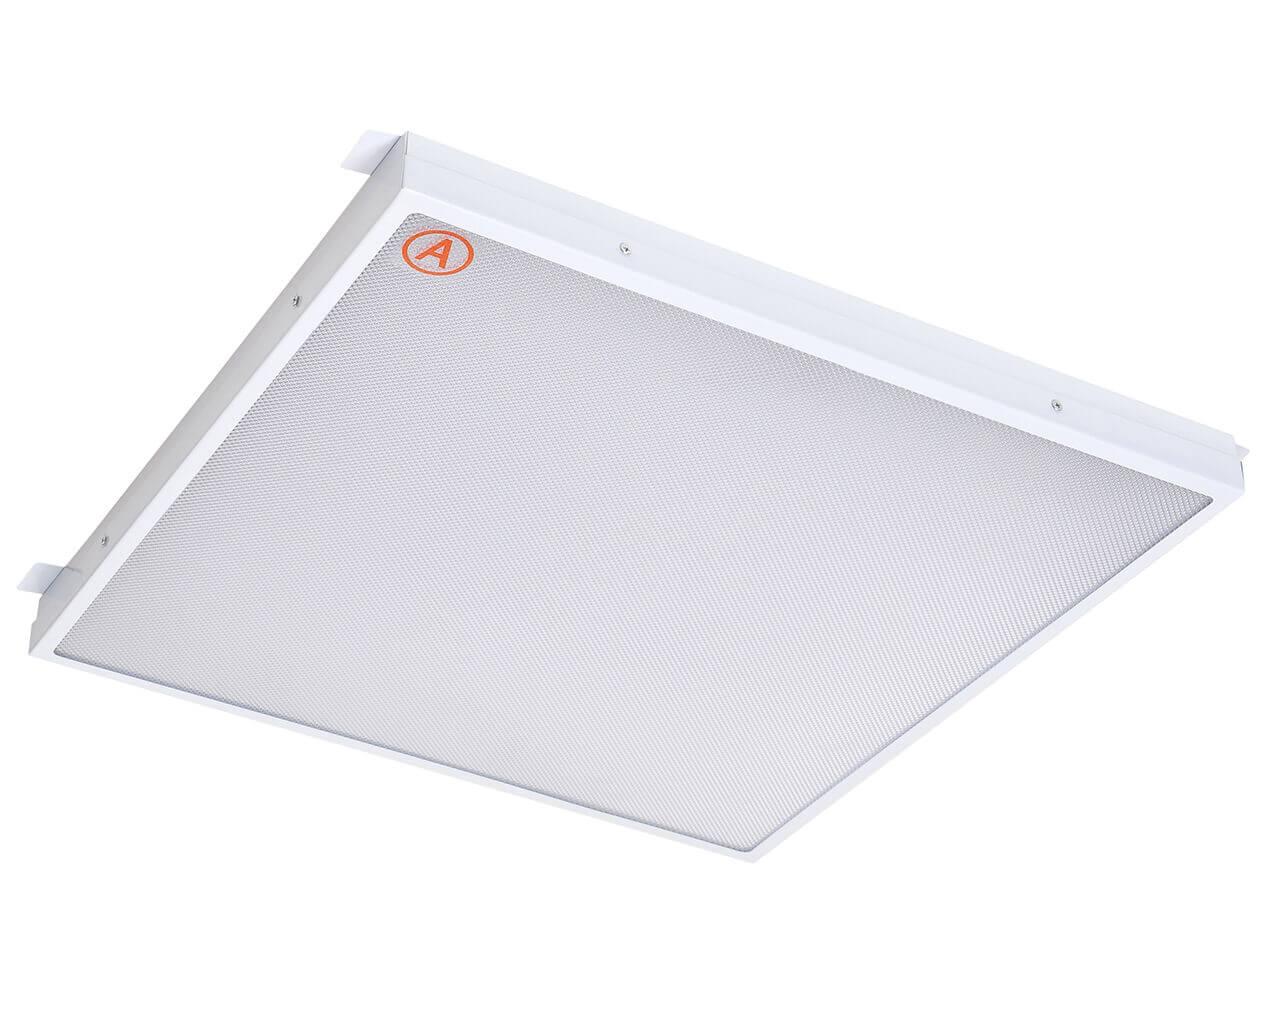 Встраиваемый светильник LC-GIP-40 580x580 Теплый белый Призма с Бап-3 часа